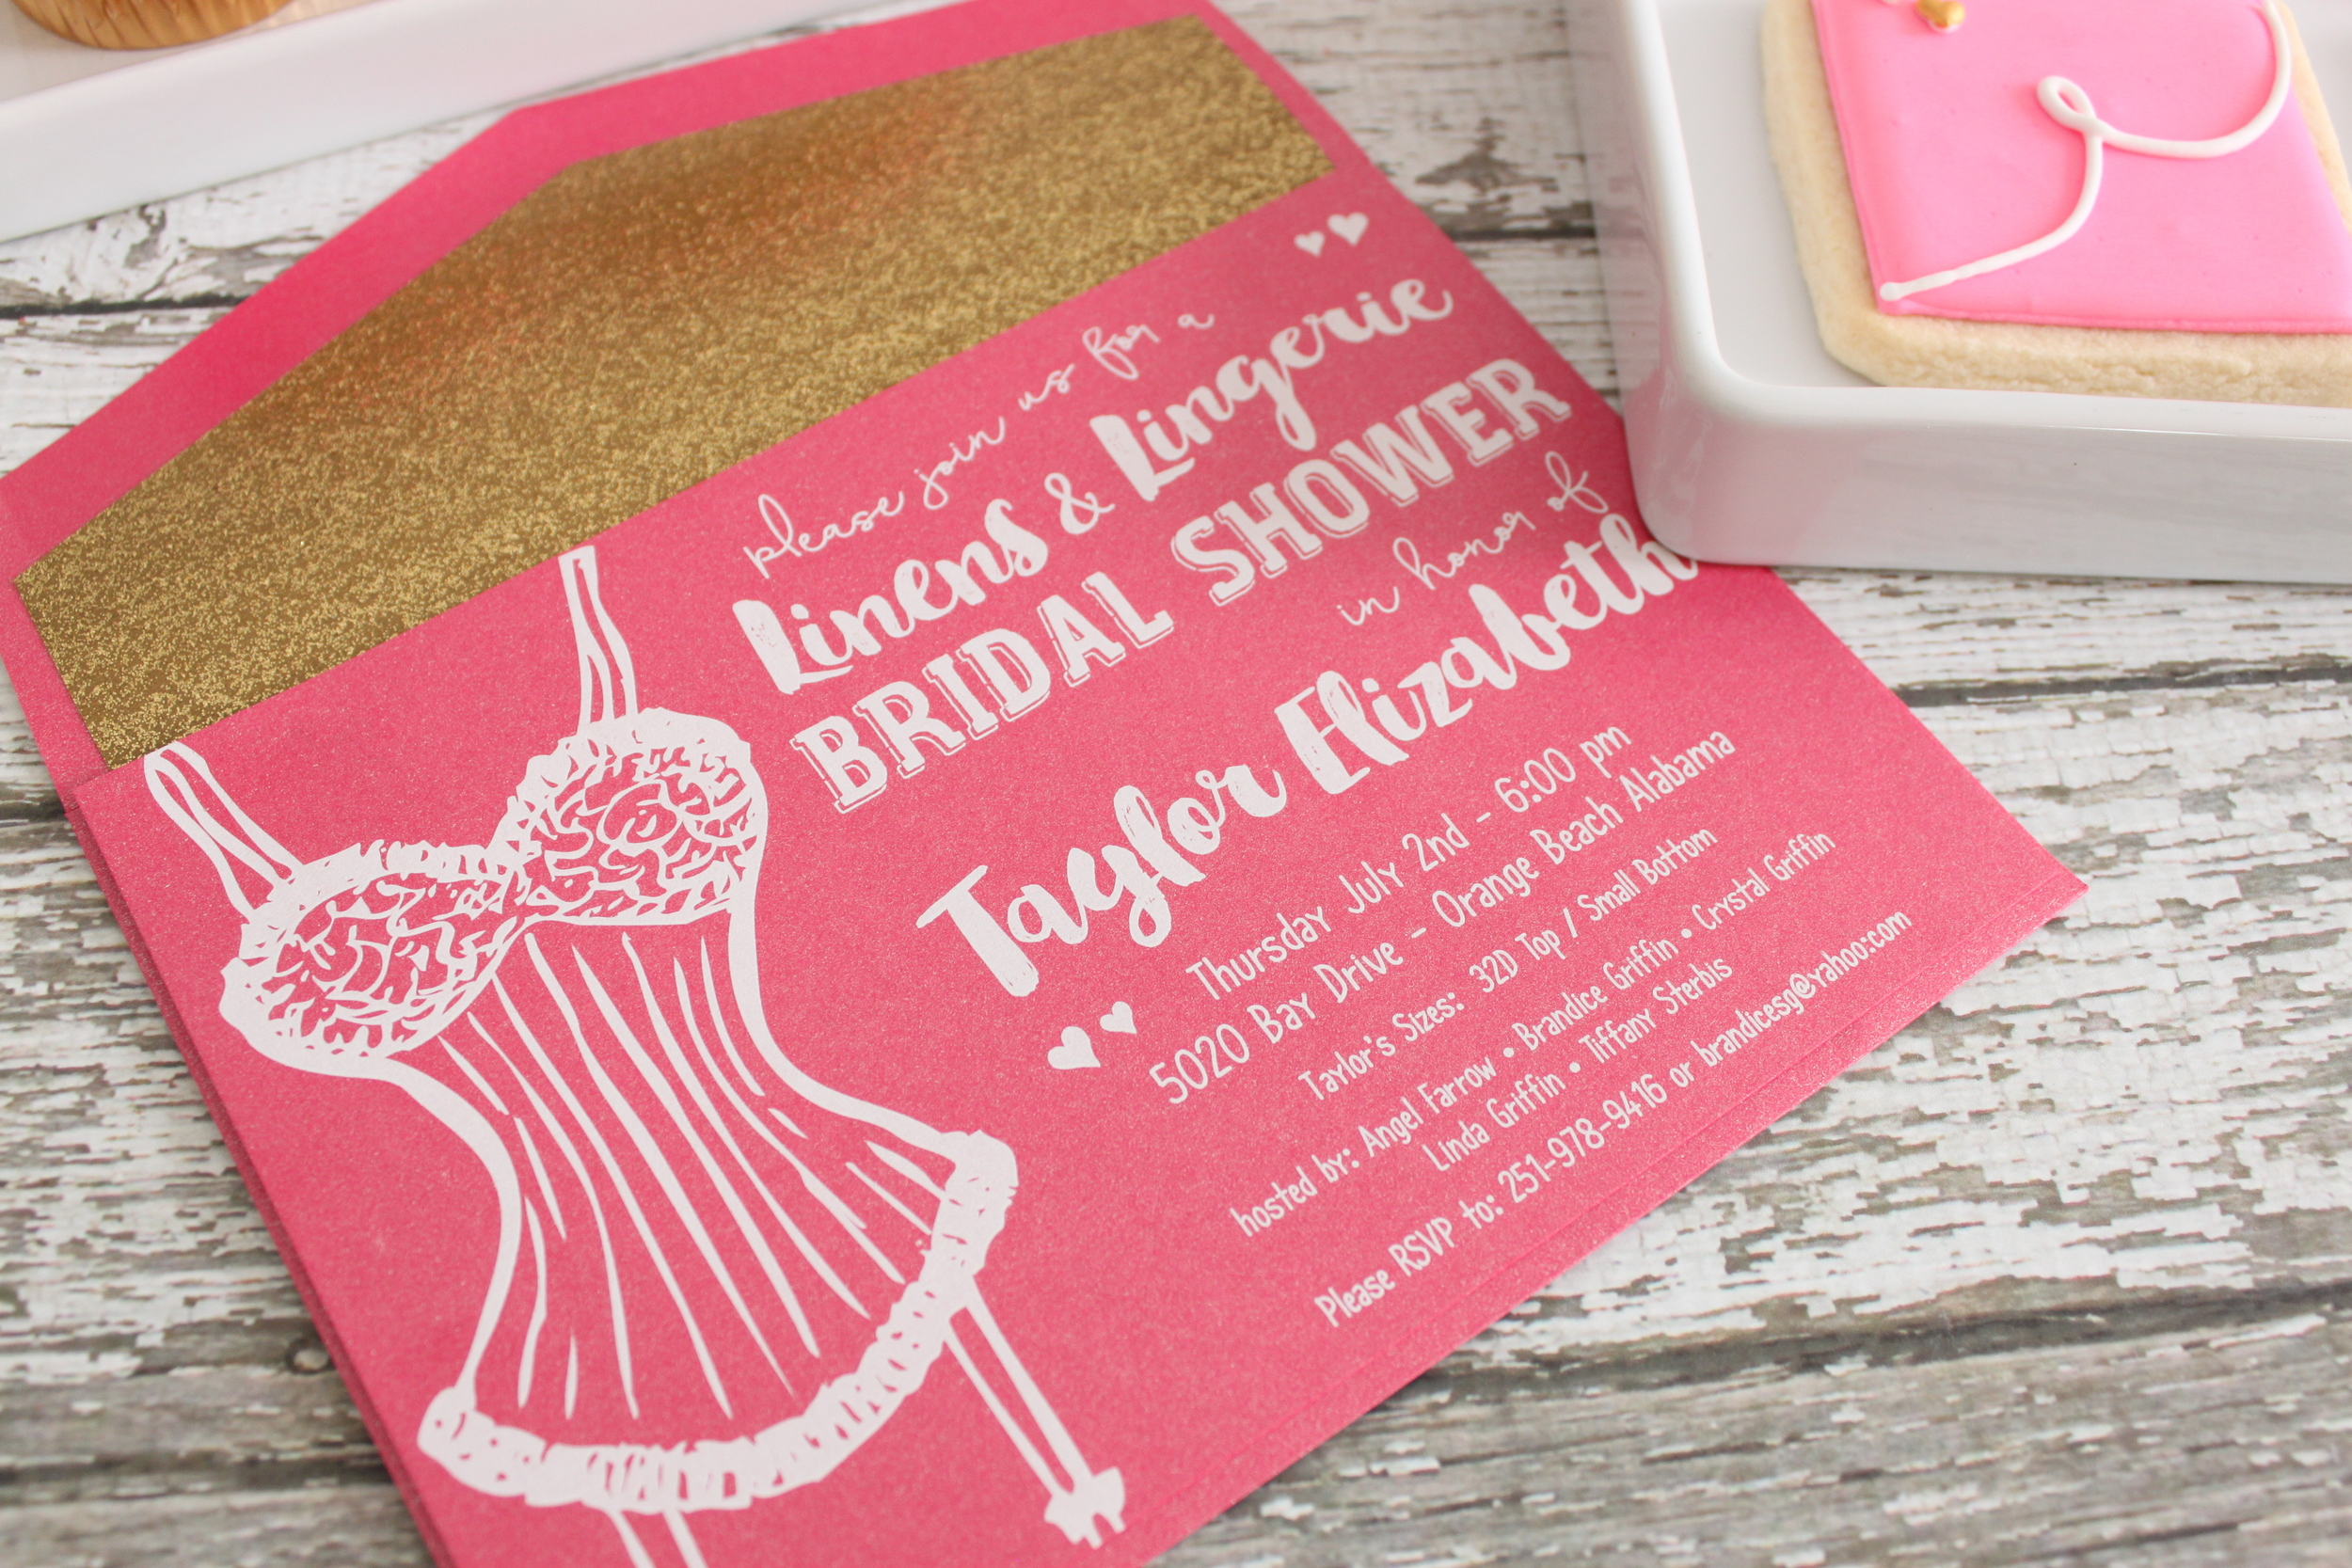 Linens & Lingerie Bridal Shower